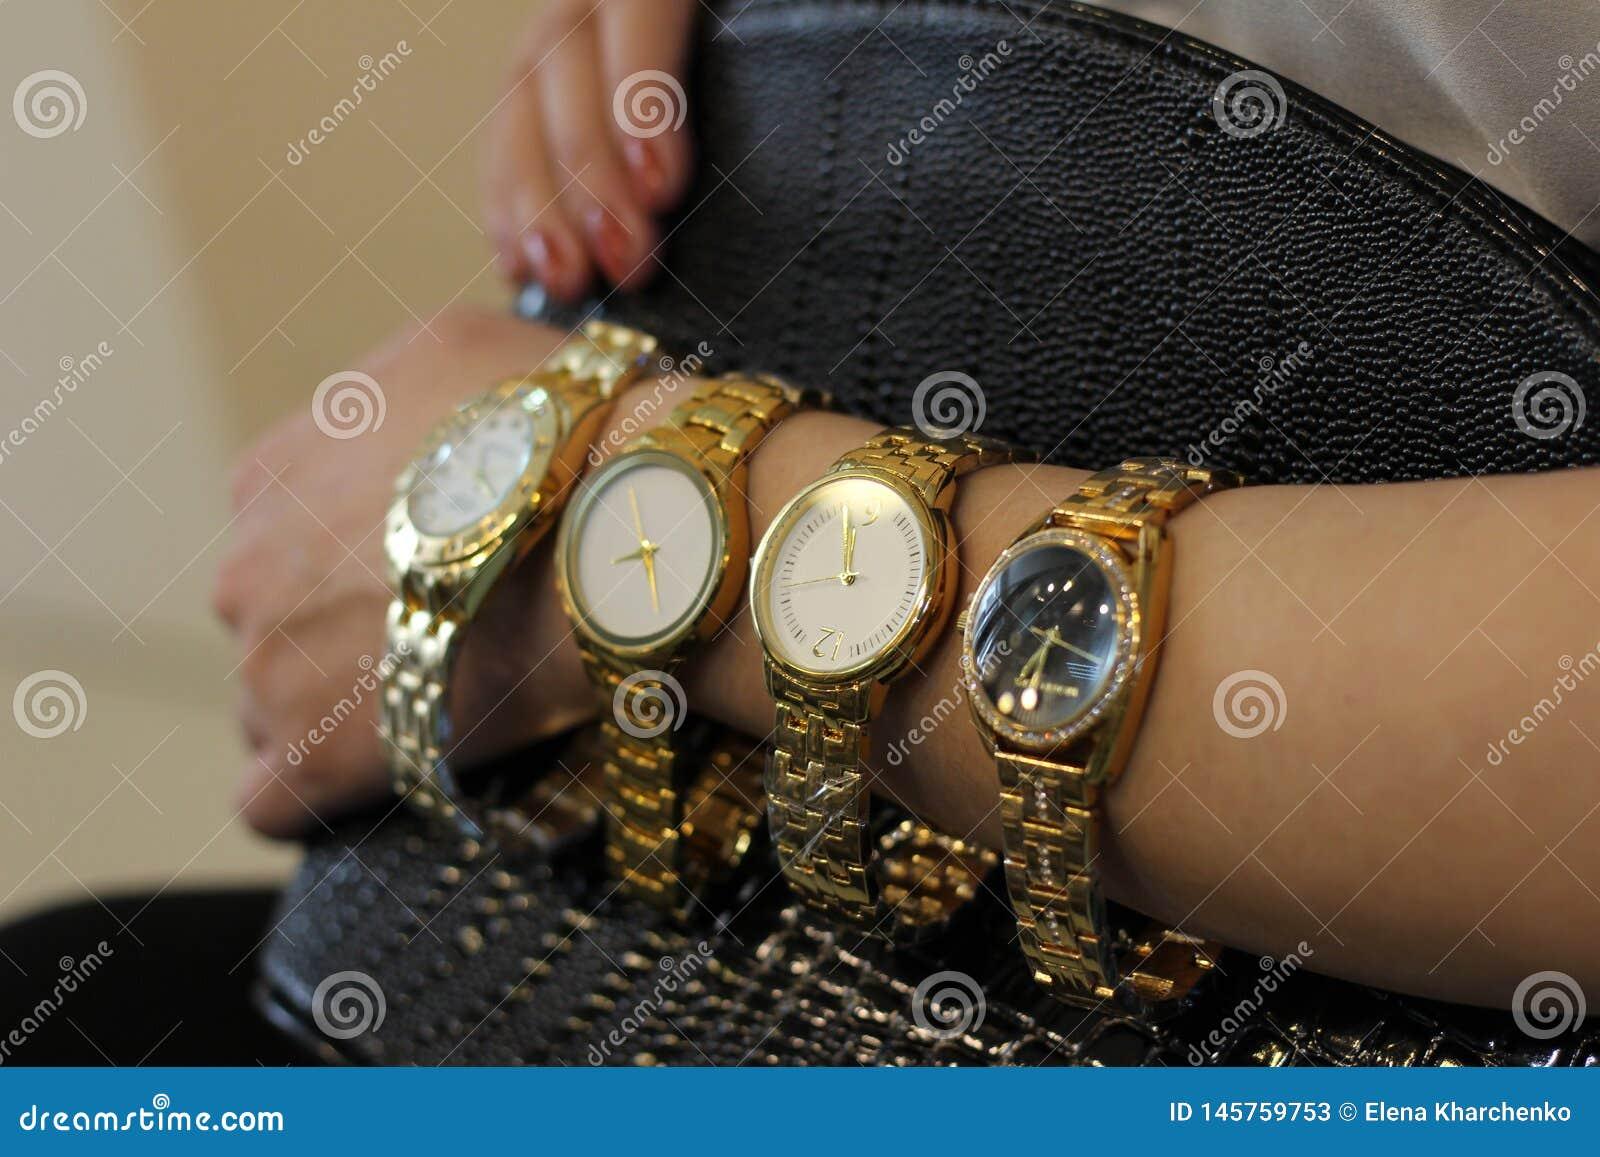 Viele Uhren das Mädchen hat auf ihrer Hand eine Golduhr